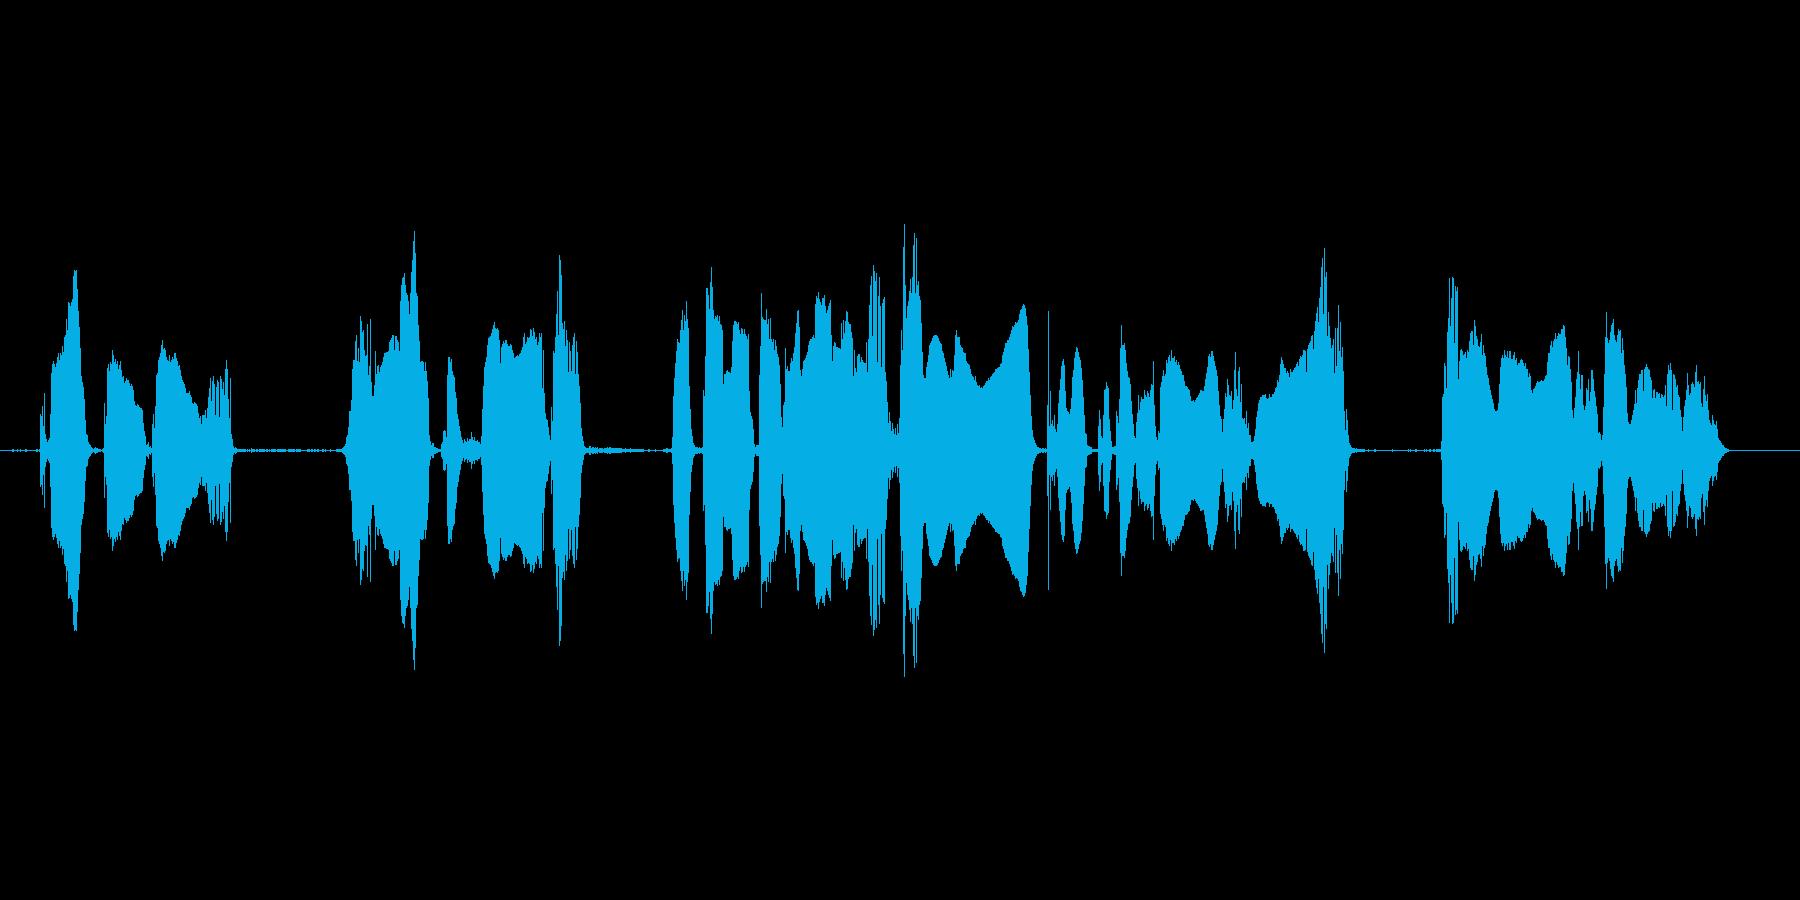 携帯電話スマートフォンなど音の出るもののの再生済みの波形